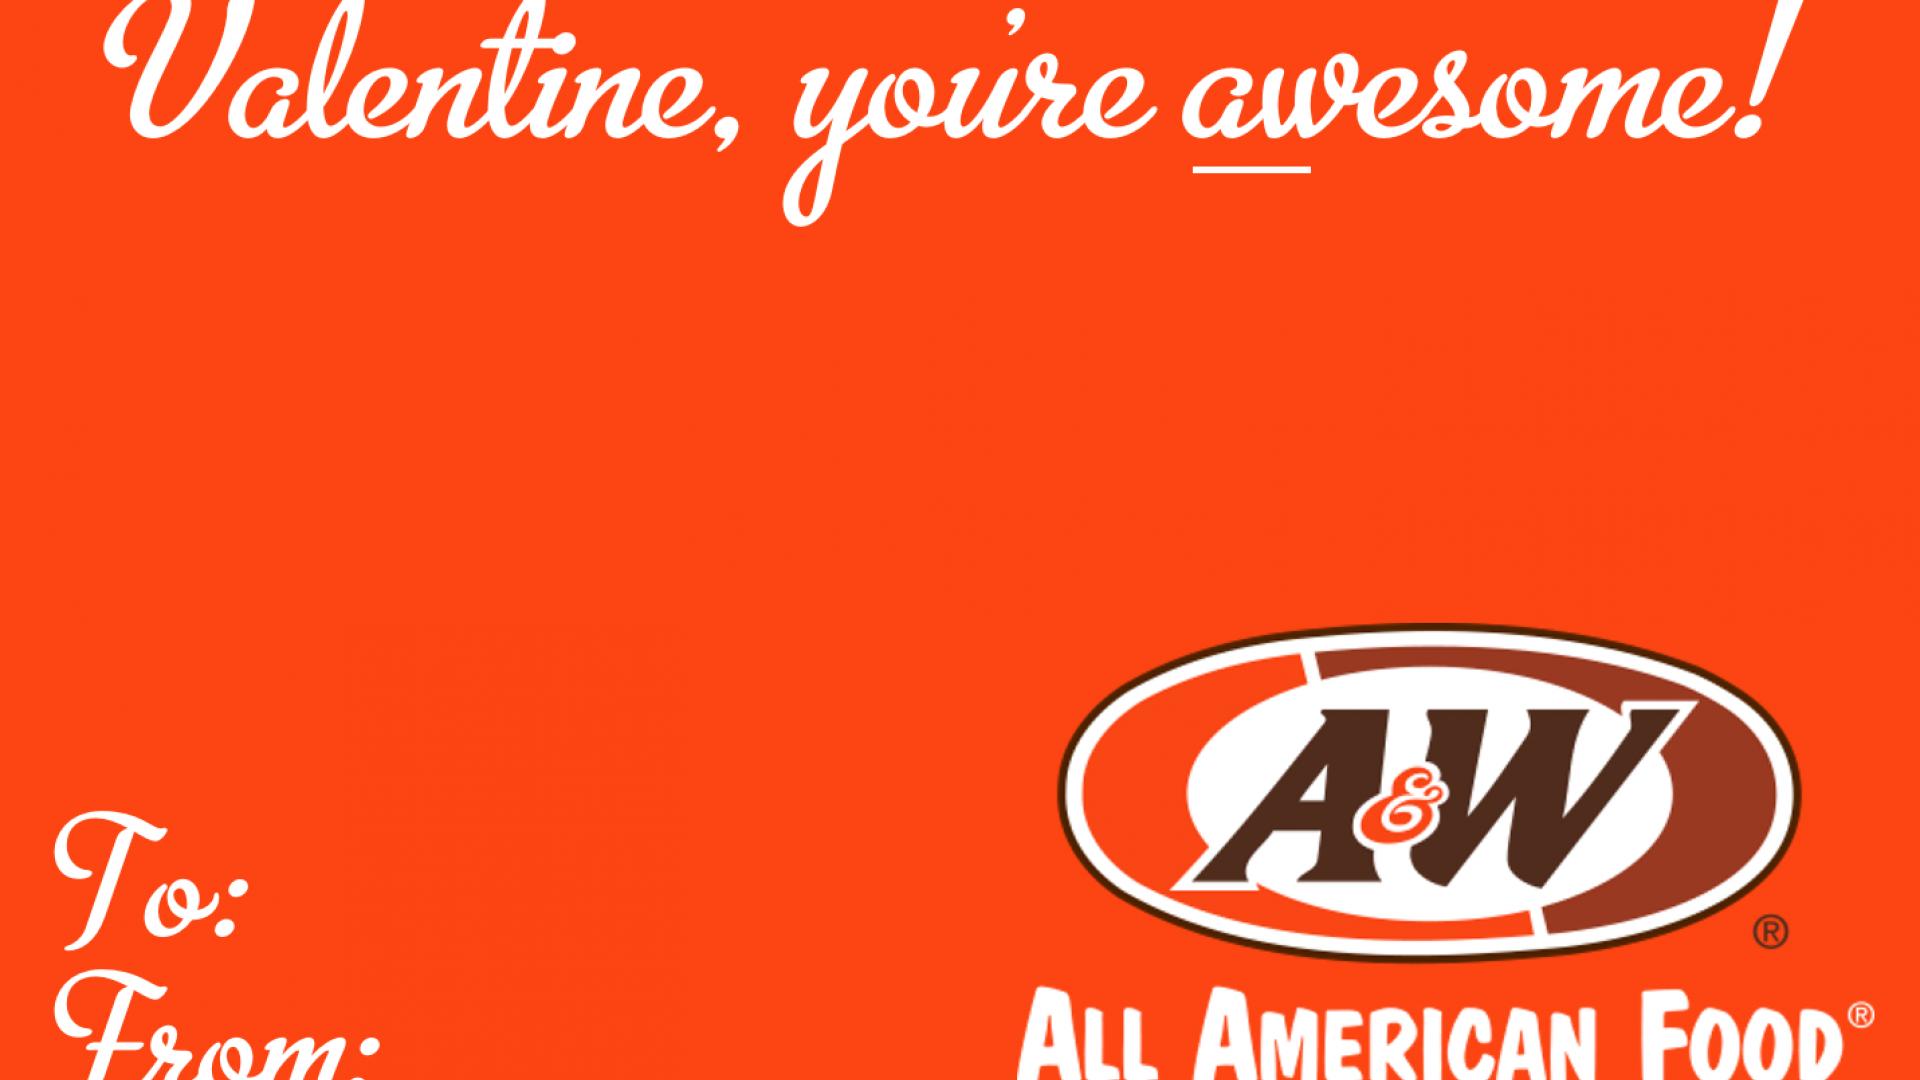 A&W Valentine's Day Card